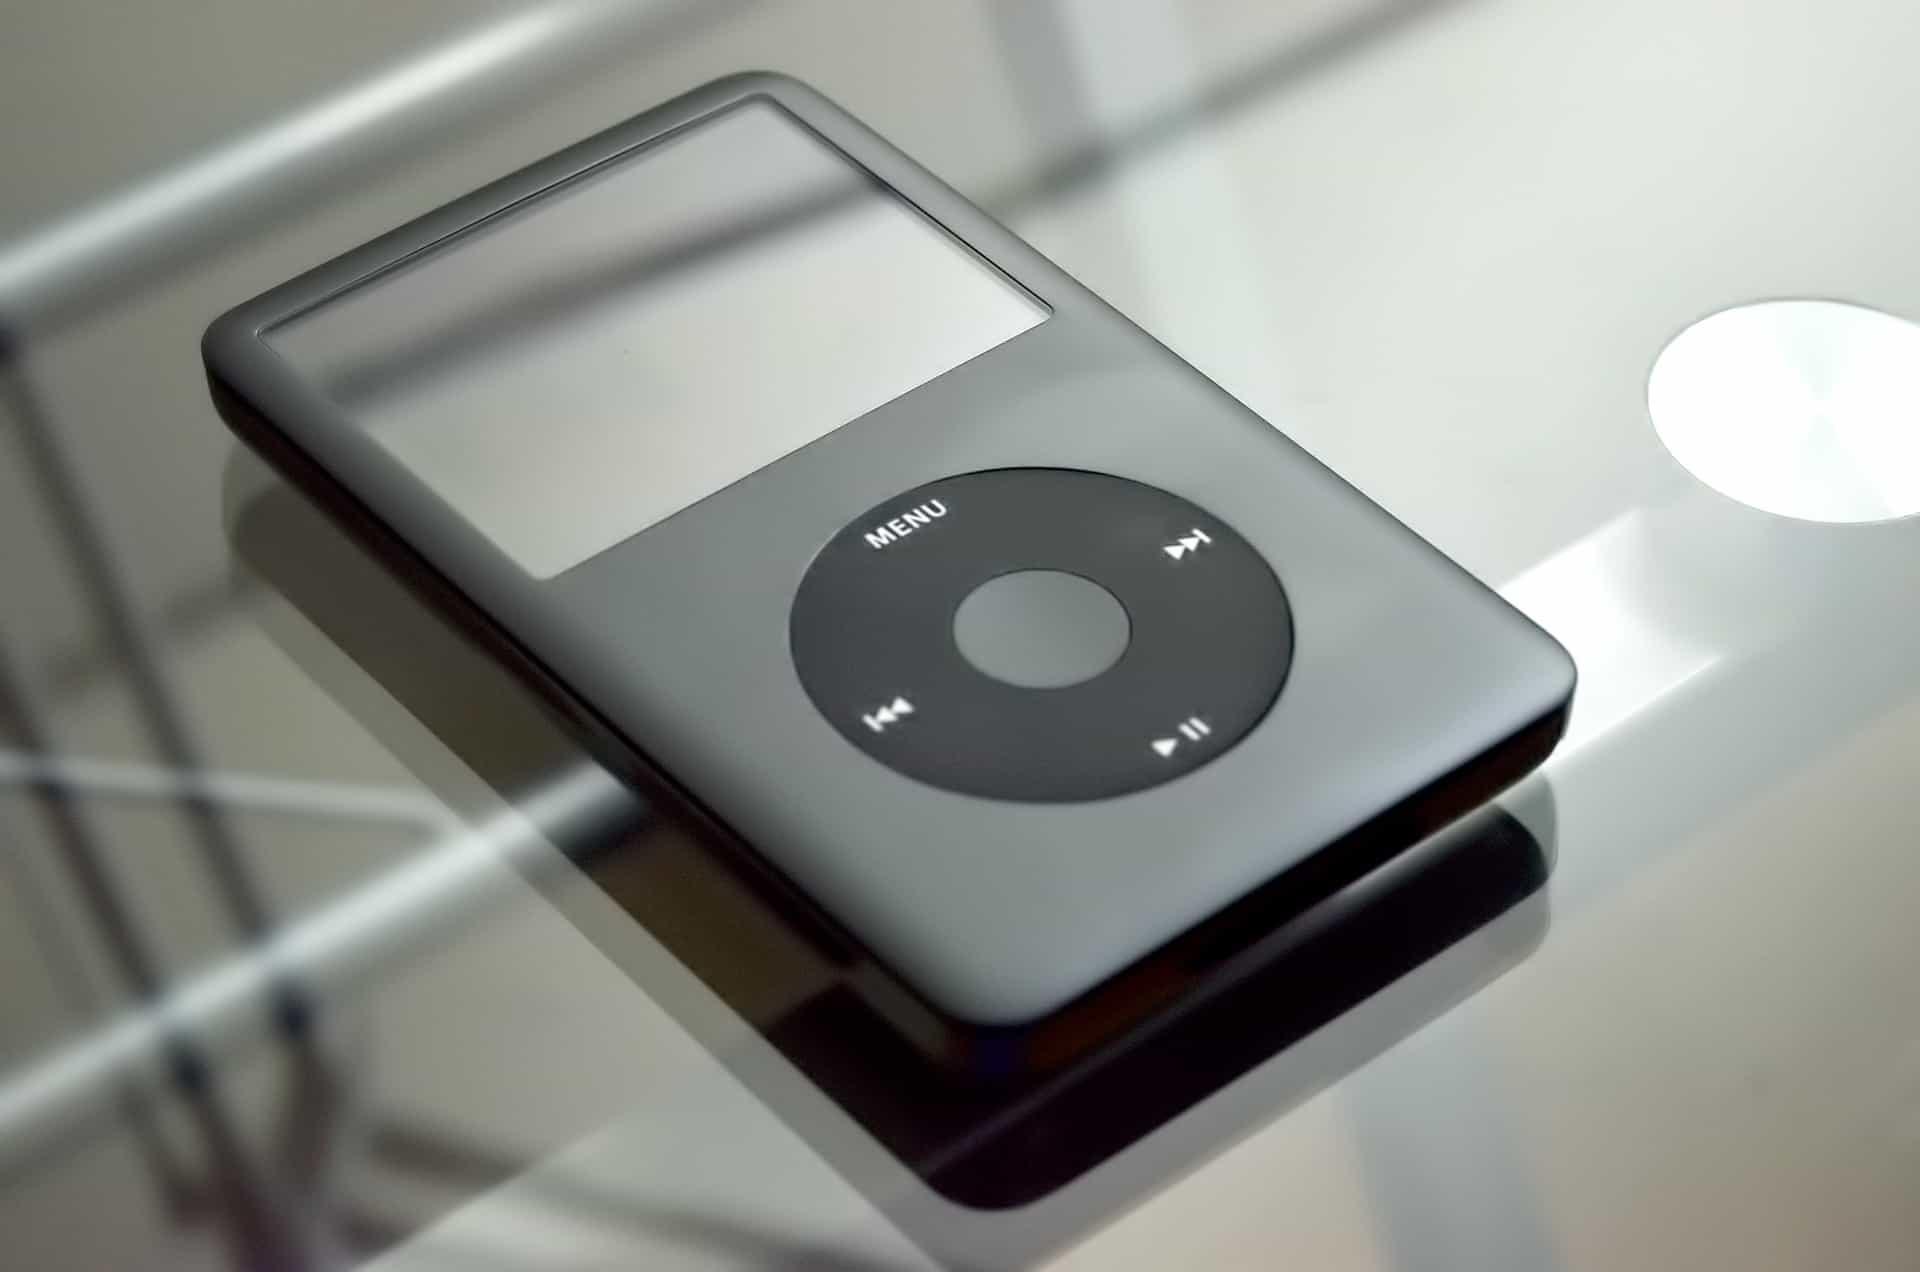 Um reprodutor MP3 acima de uma mesa de vidro.